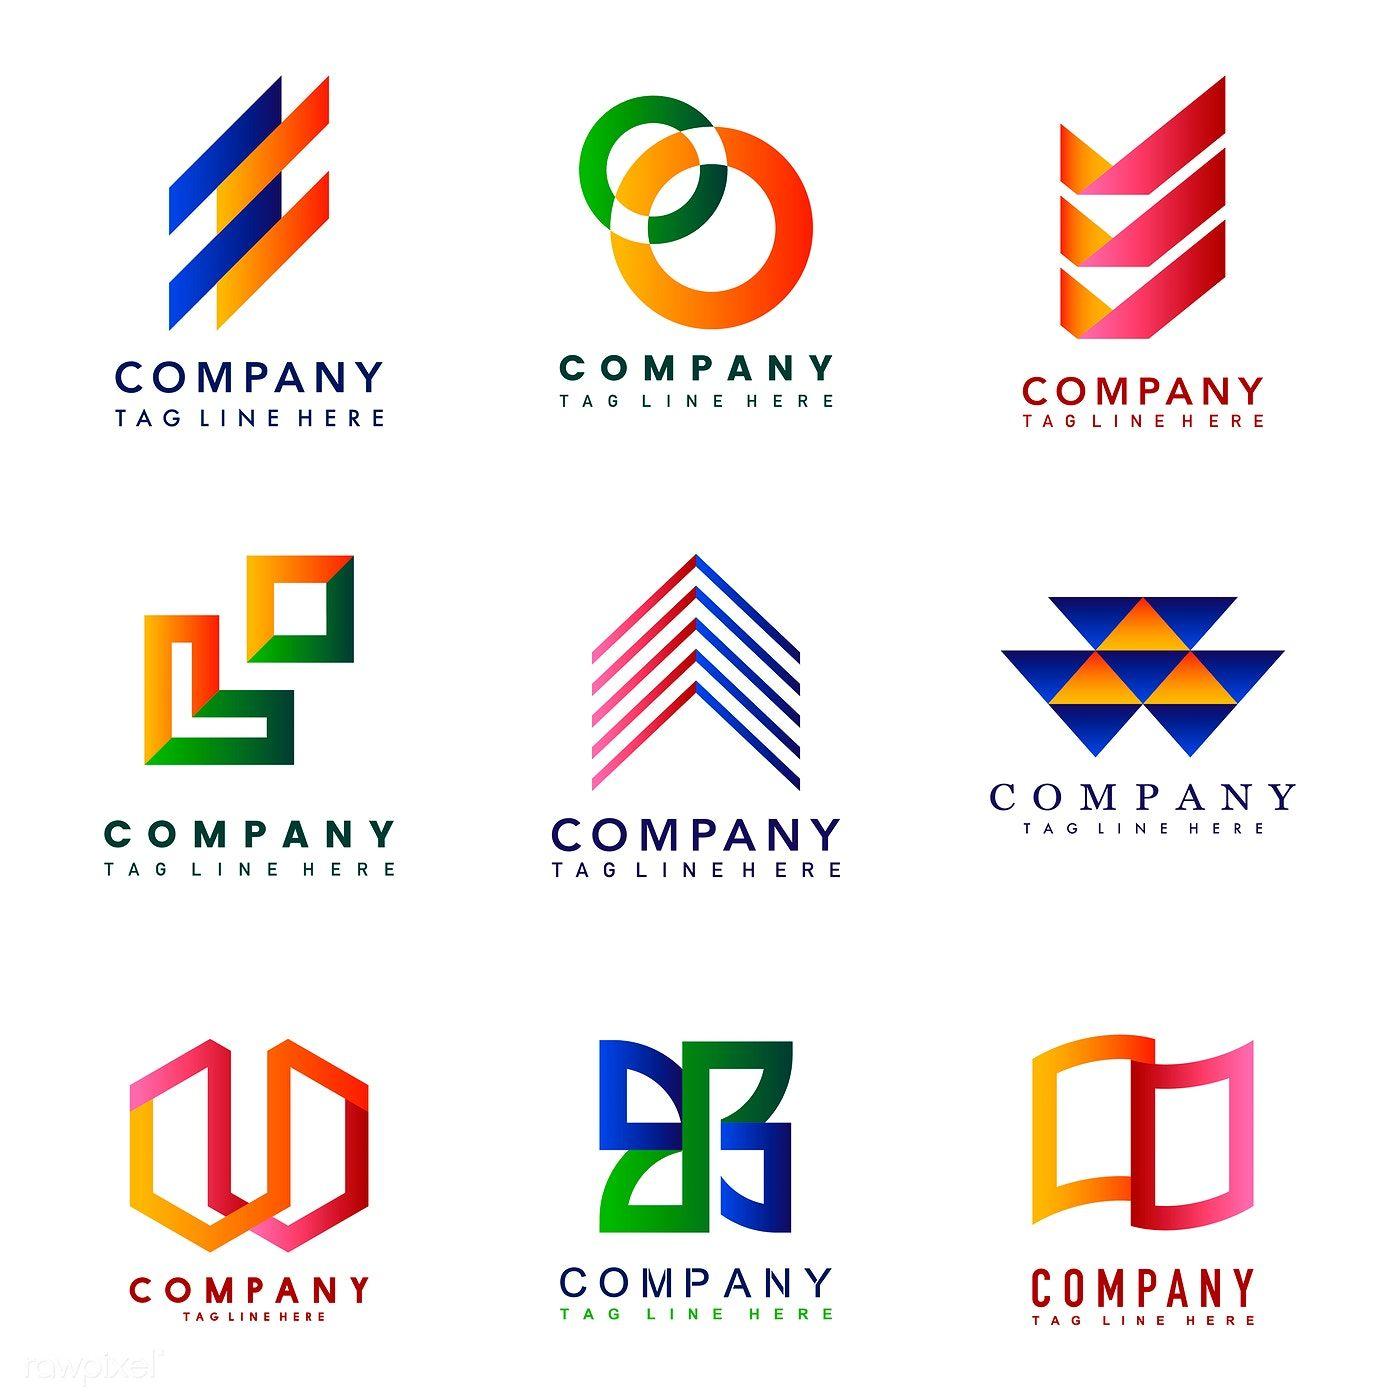 I create a good professional logo